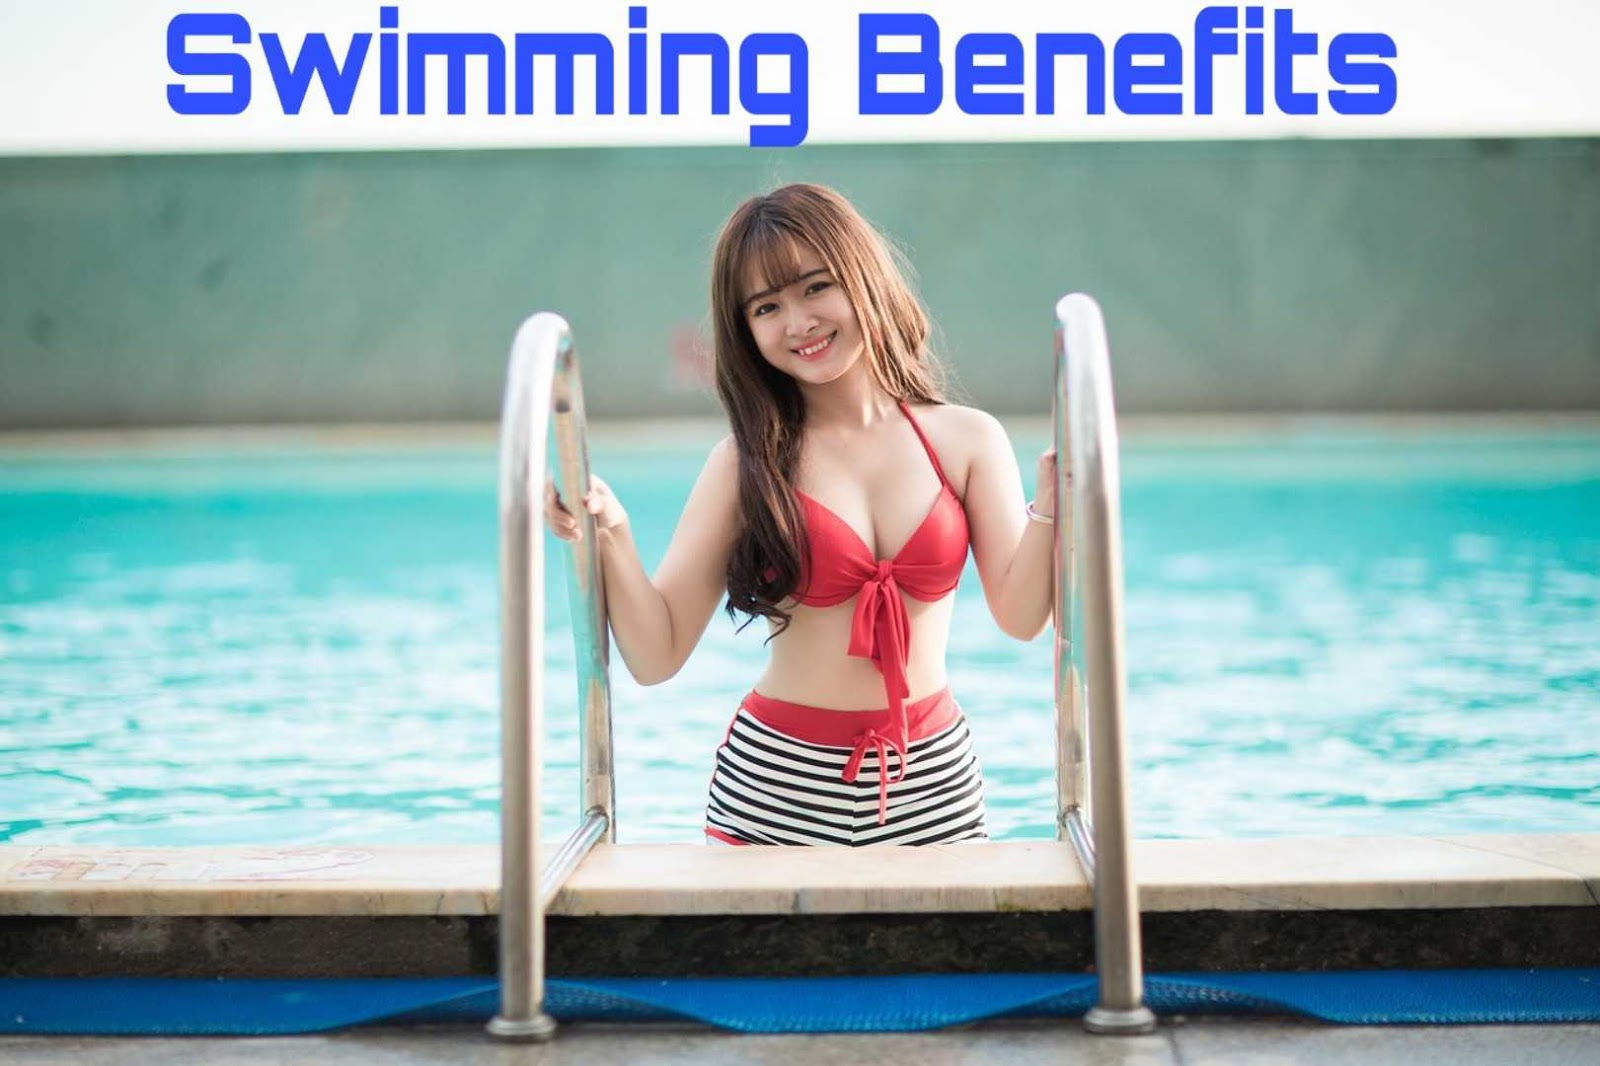 स्विमिंग करने के यह फायदे जानकर हेरान हो जाओगे - Amazing Health Benefits of Swimming in Hindi